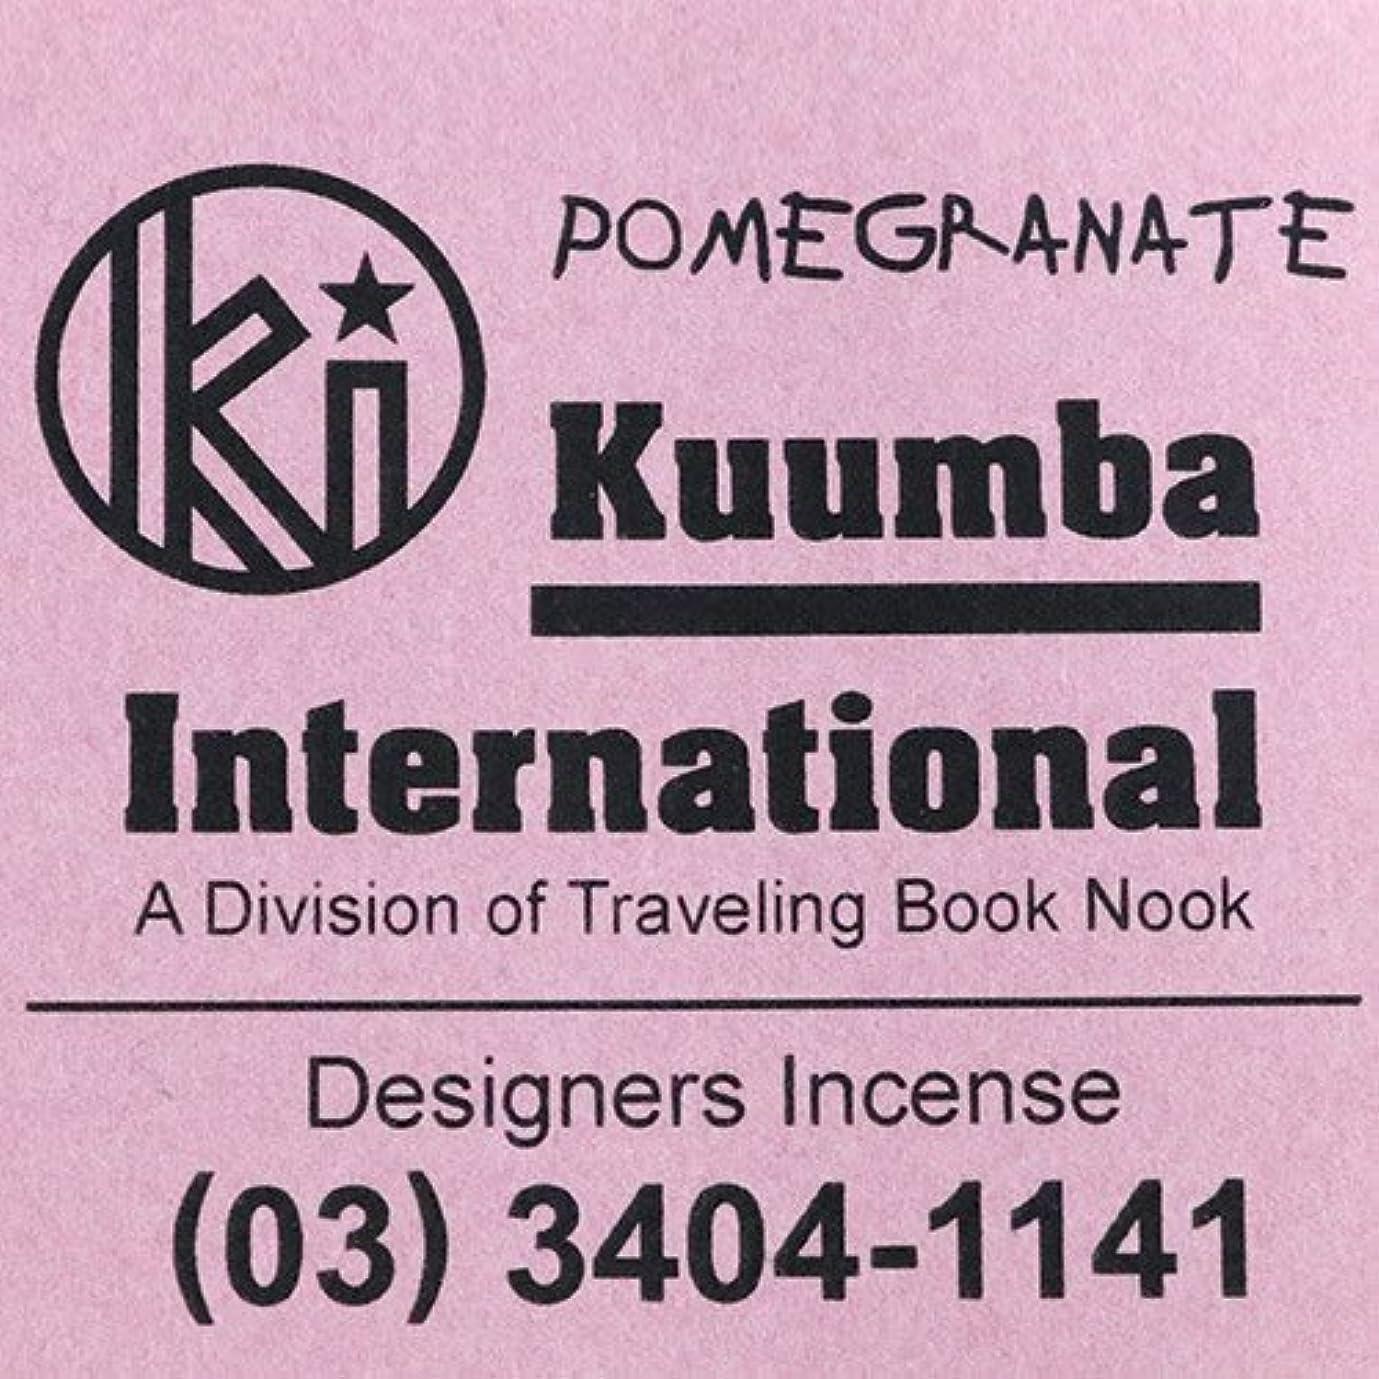 (クンバ) KUUMBA『incense』(POMEGRANATE) (Regular size)